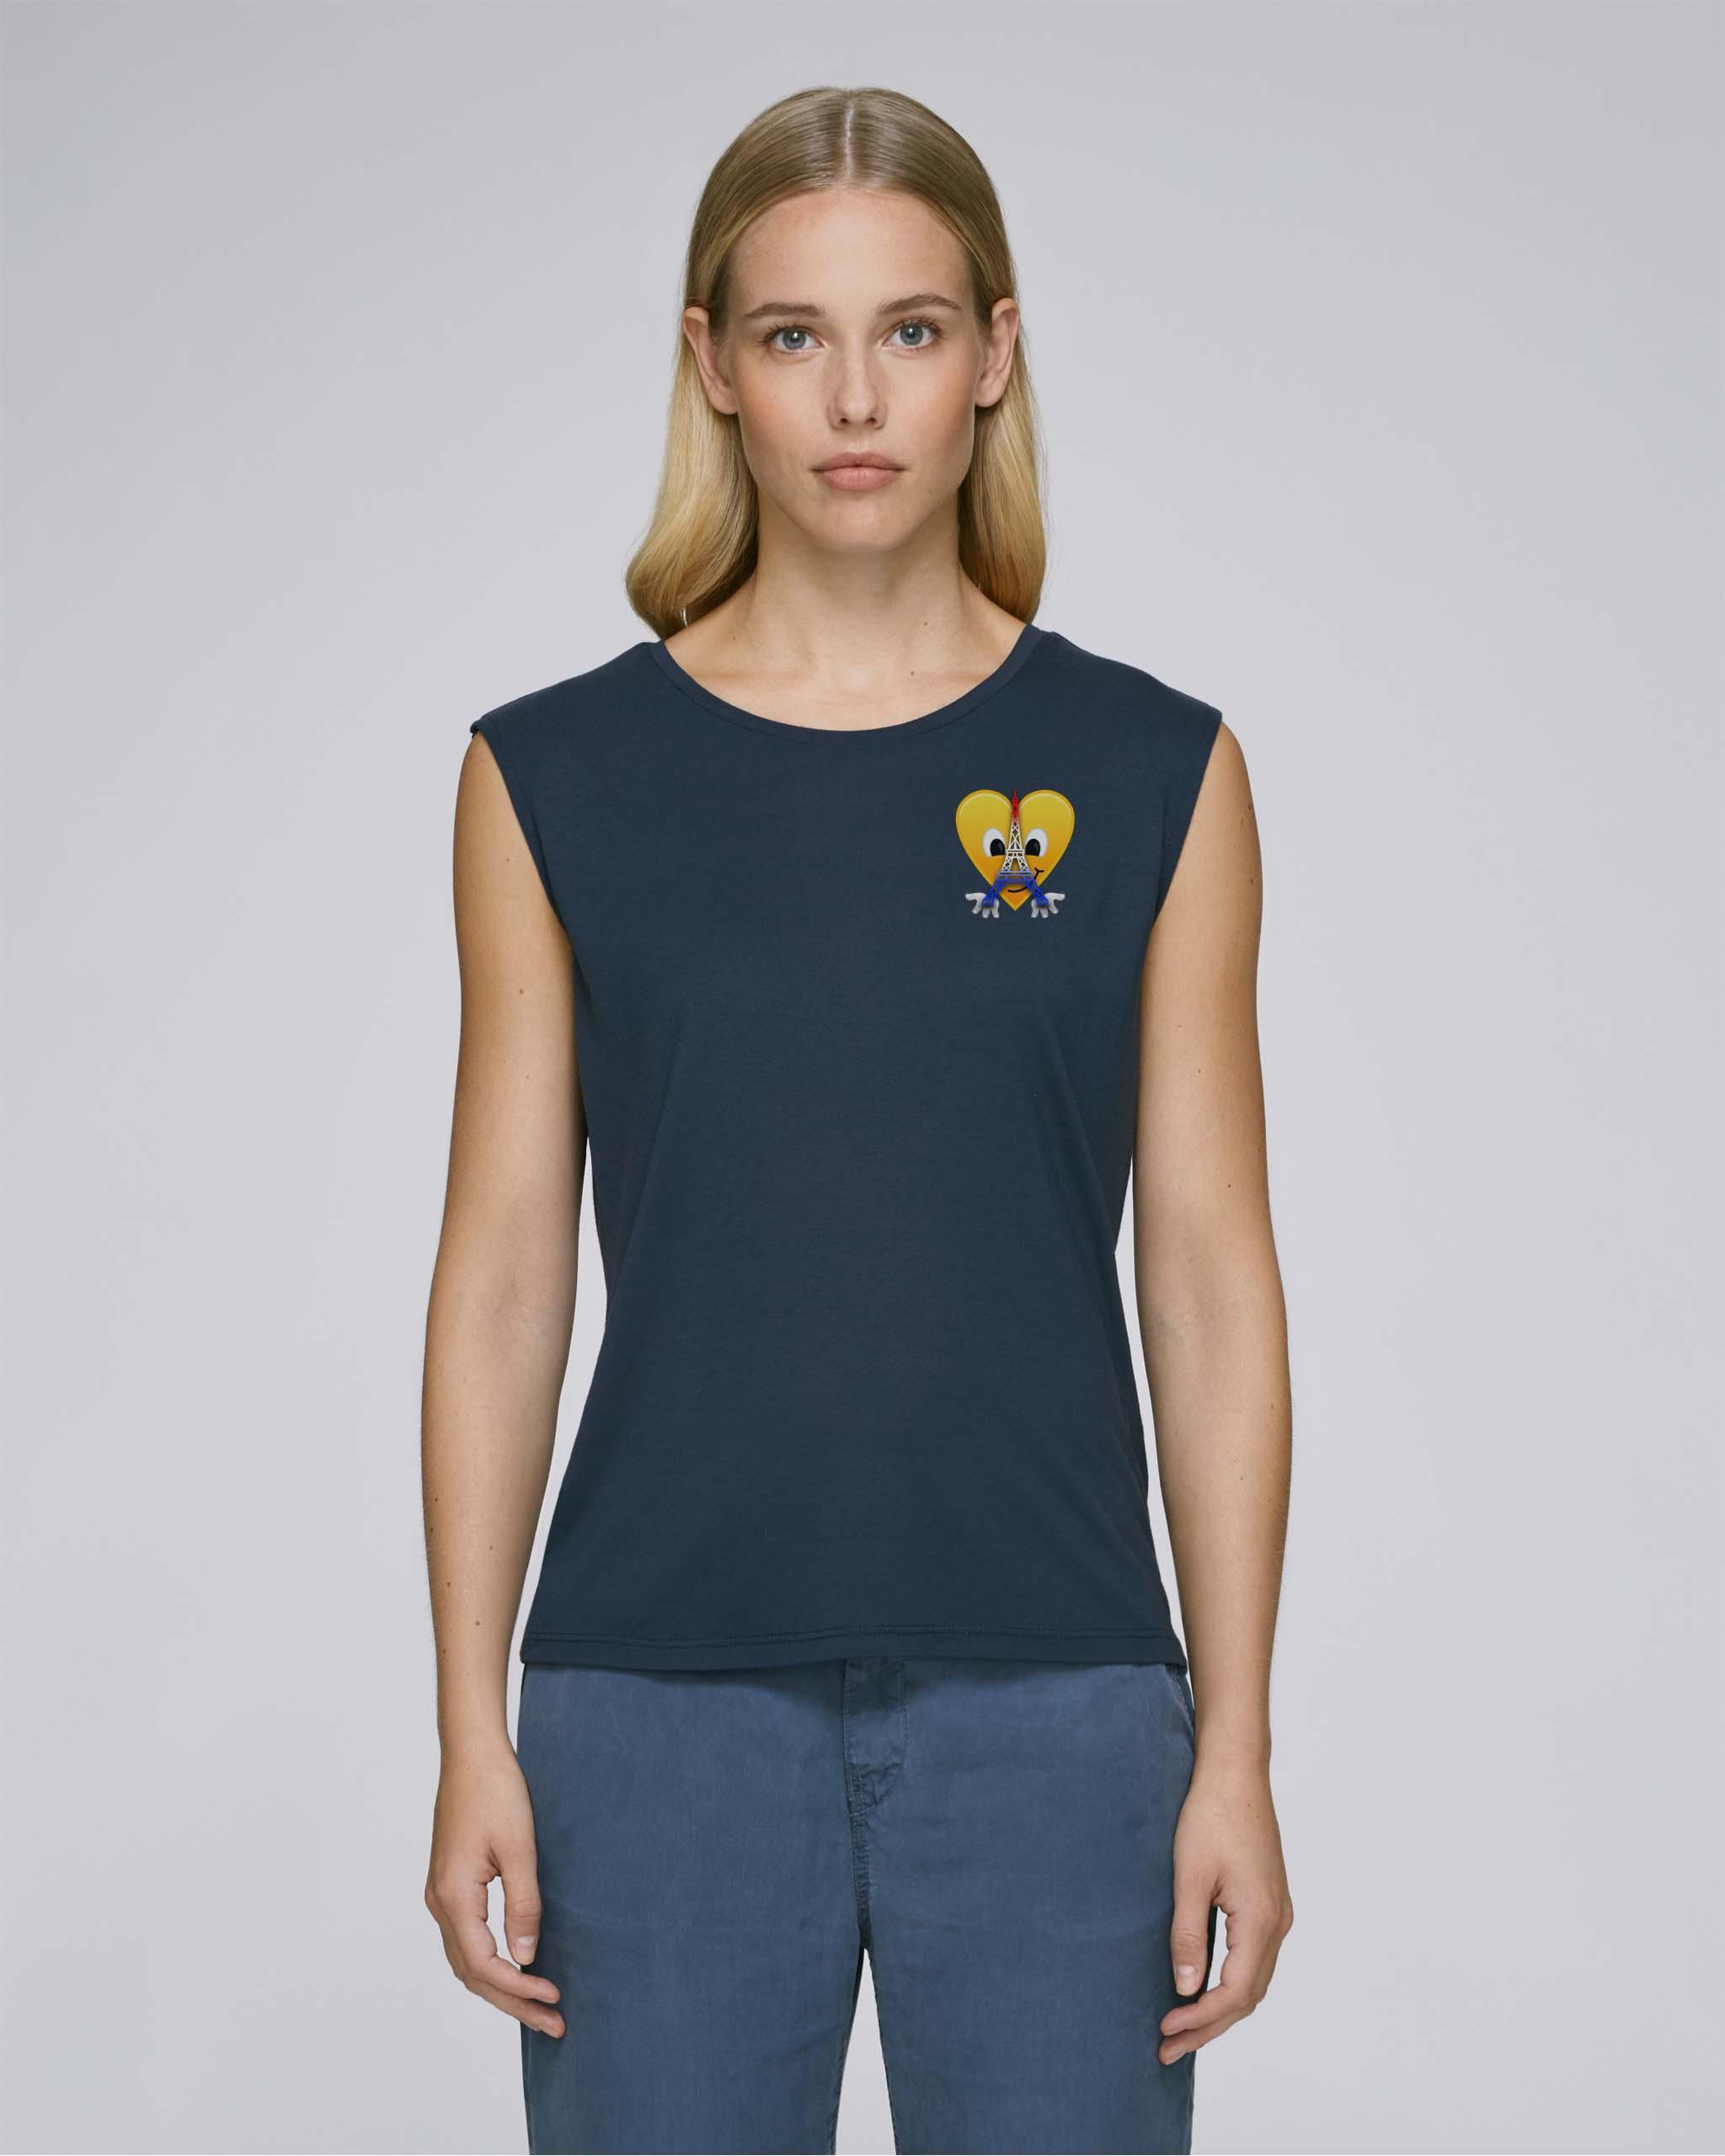 T-Shirt Bio bleu marine Femme – Eiffel tee